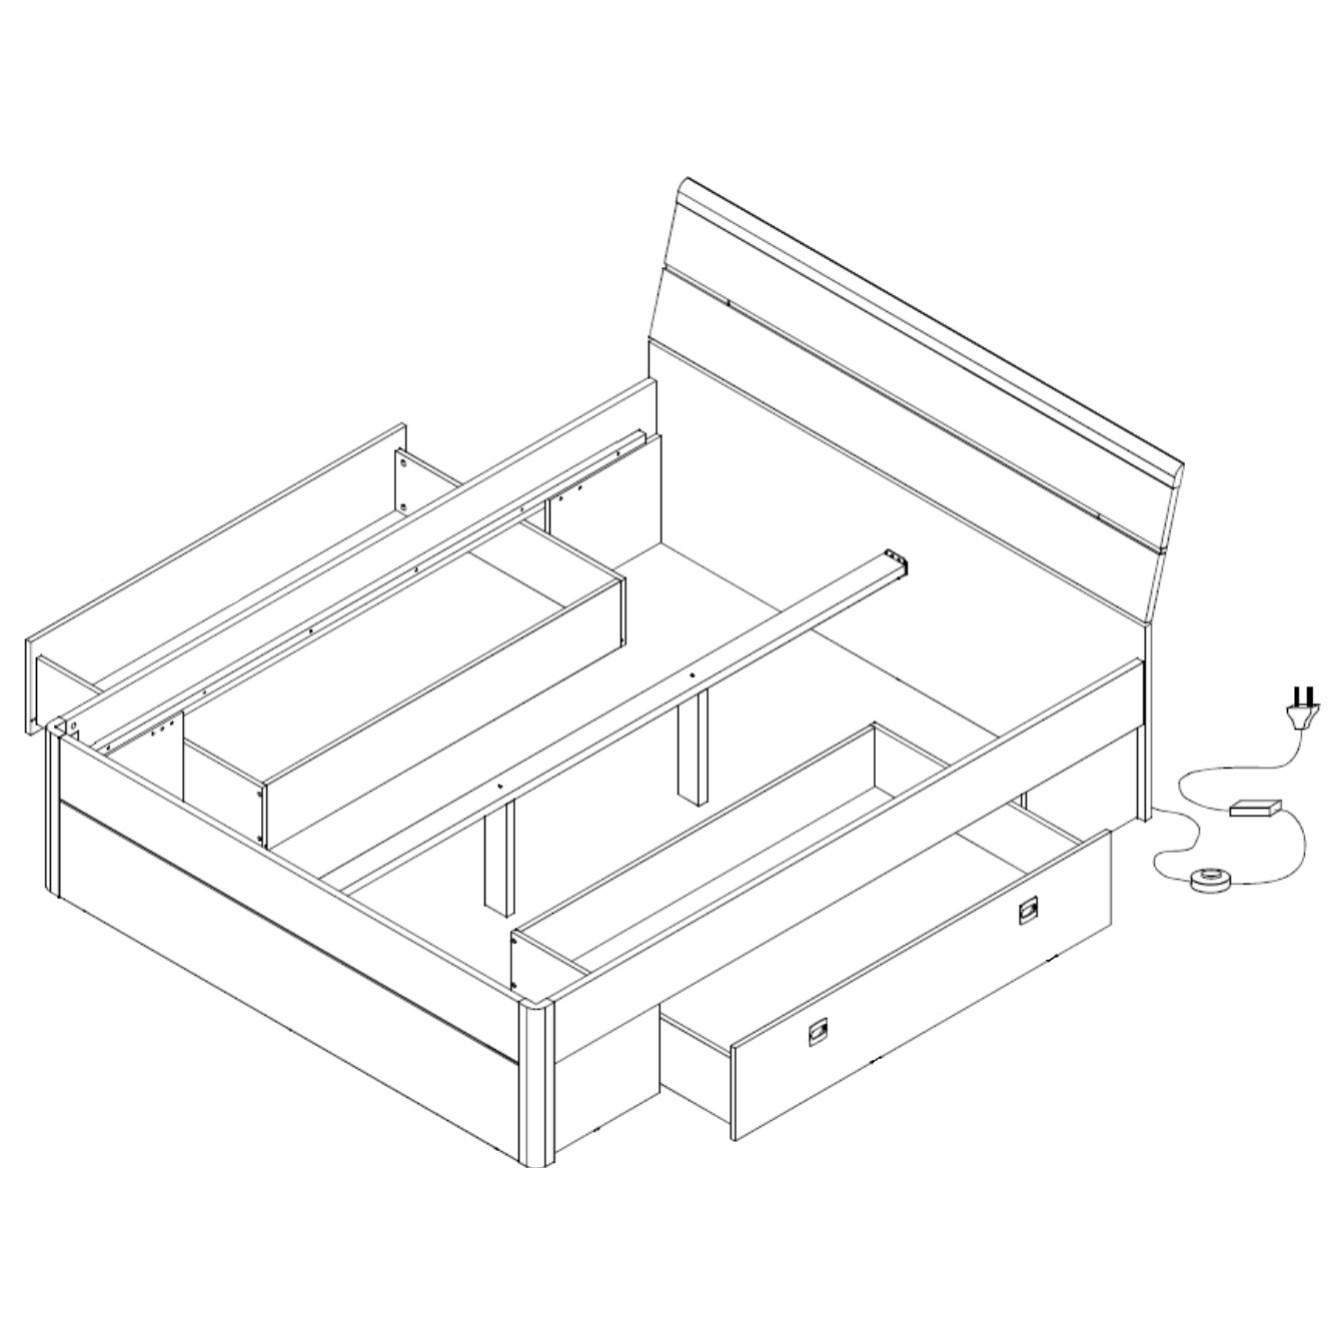 Sconto Posteľ s nočnými stolíkmi MAESTRO dub sanremo svetlý, 180x200 cm Sada postele a dvoch nočných stolíkov MAESTRO vytvára dobrý základ spálne.